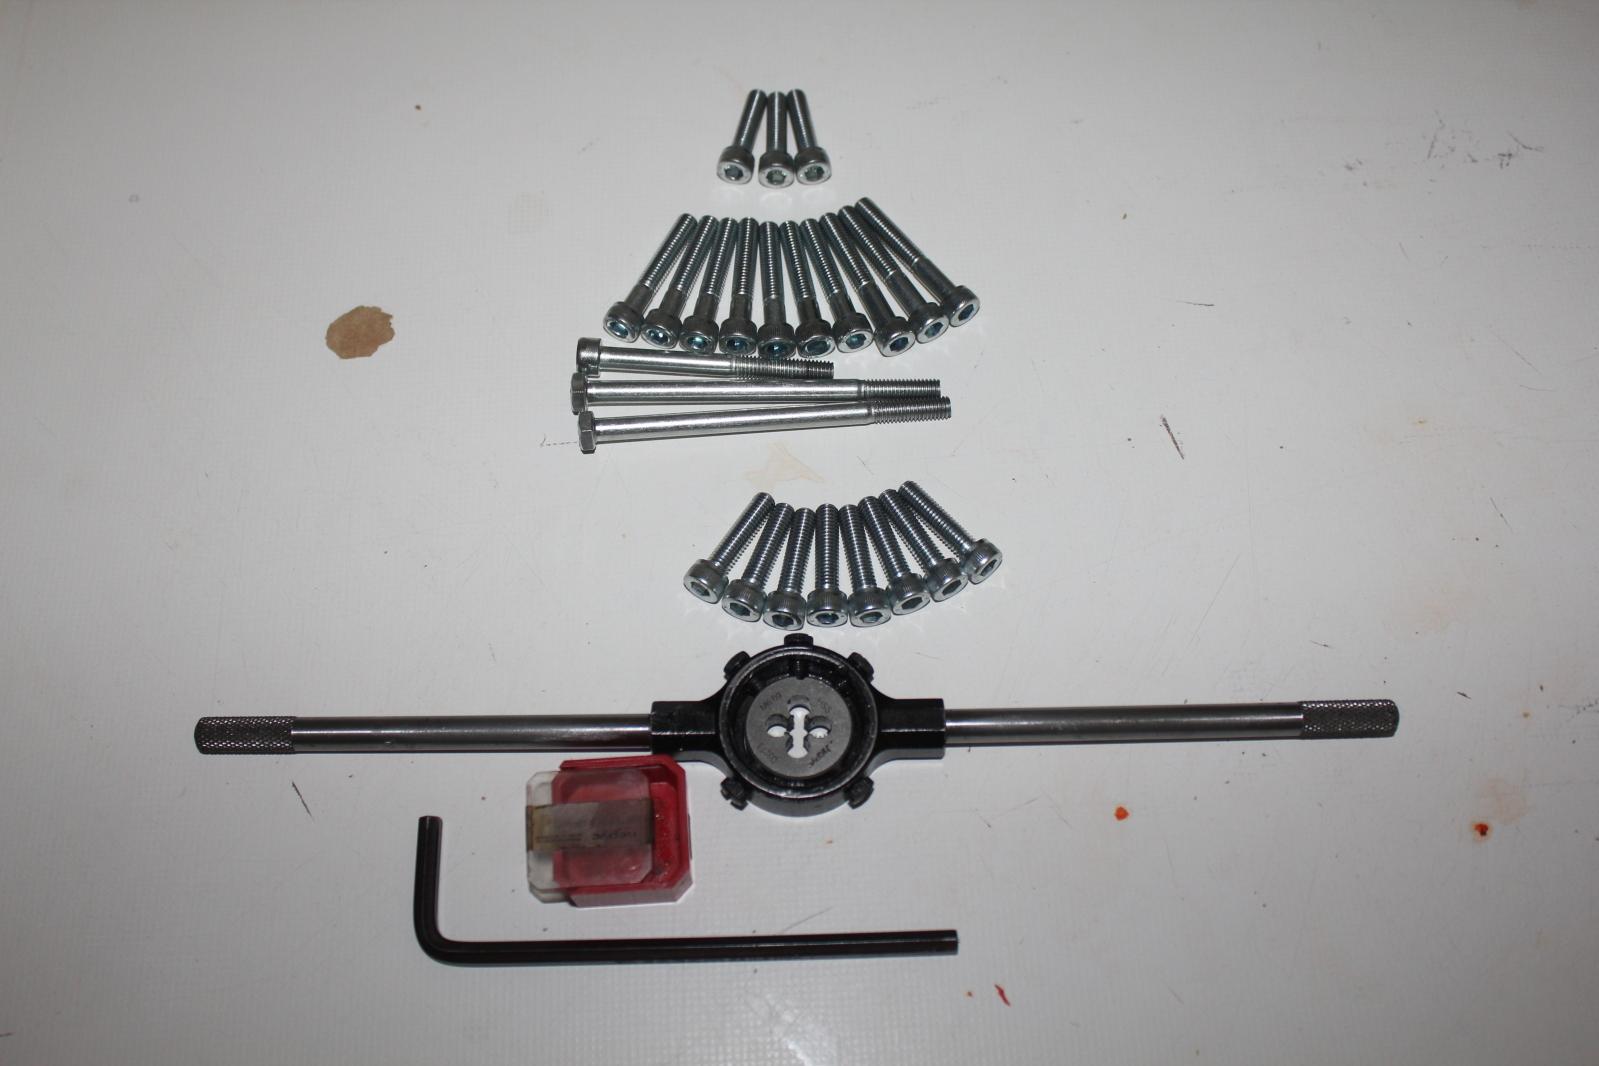 Mejoras en motores P3 P4 RV4 DL P6 K6... - Página 3 Qzqblv